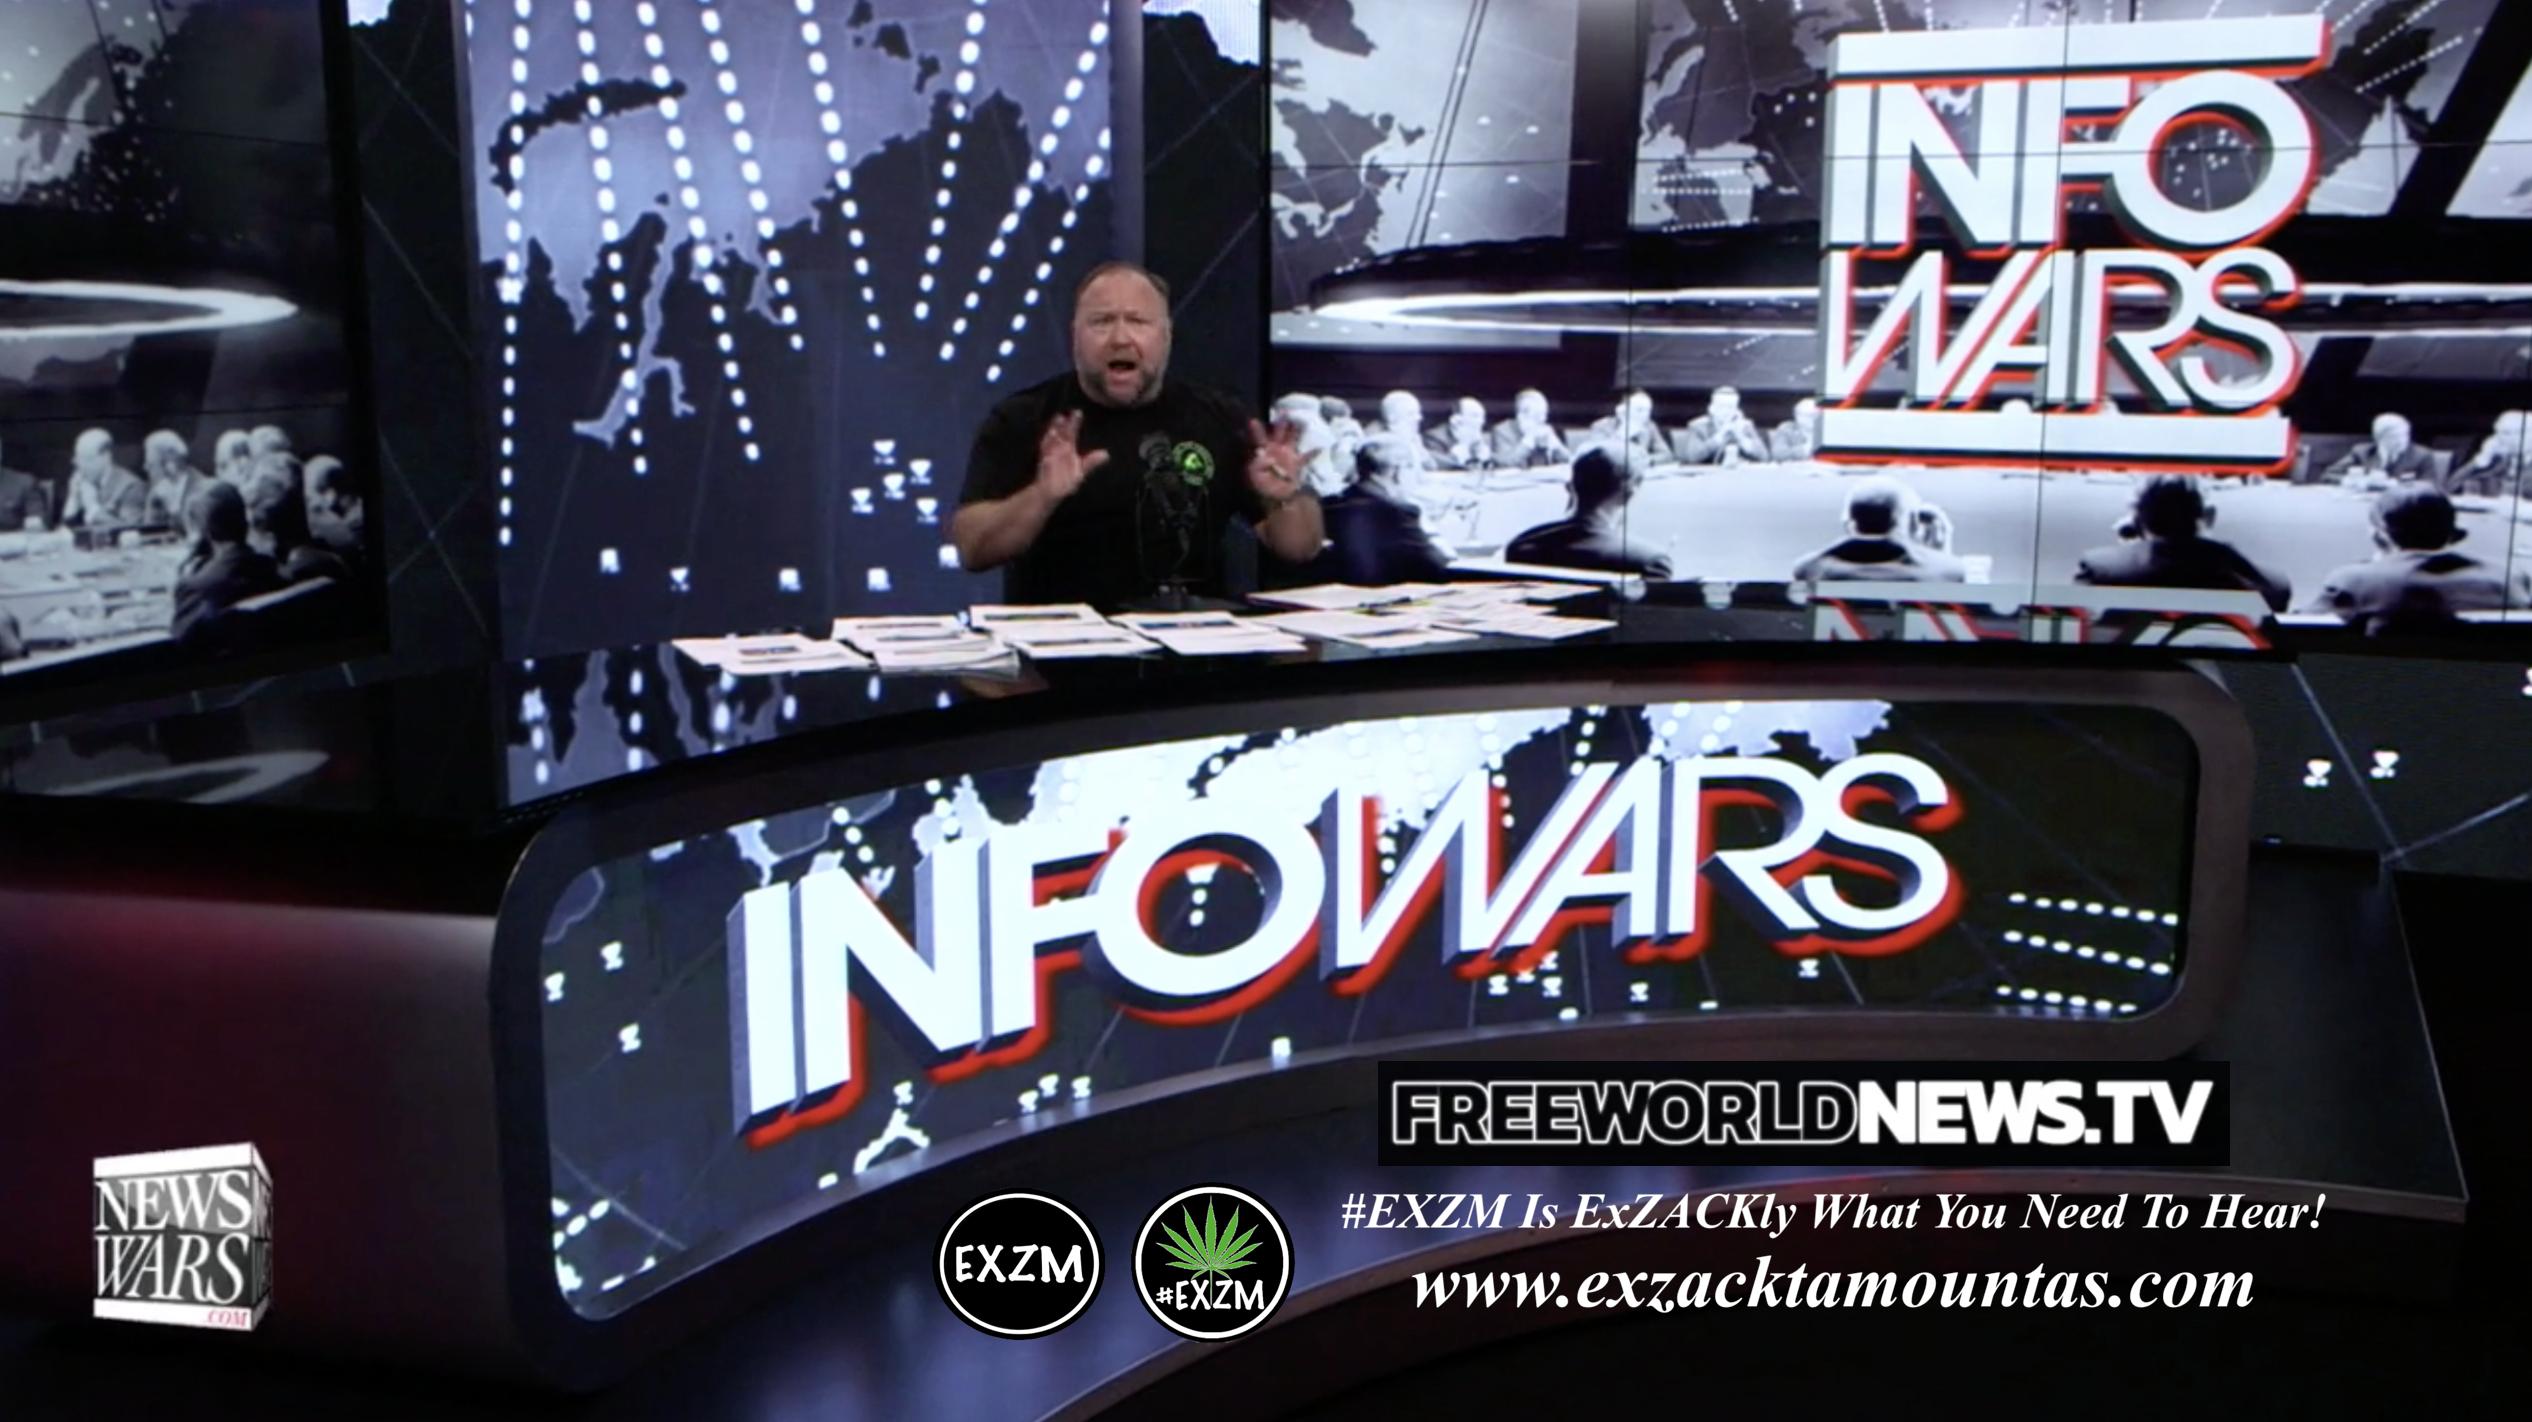 Alex Jones Live In Infowars Studio EXZM Zack Mount June 17th 2021 copy